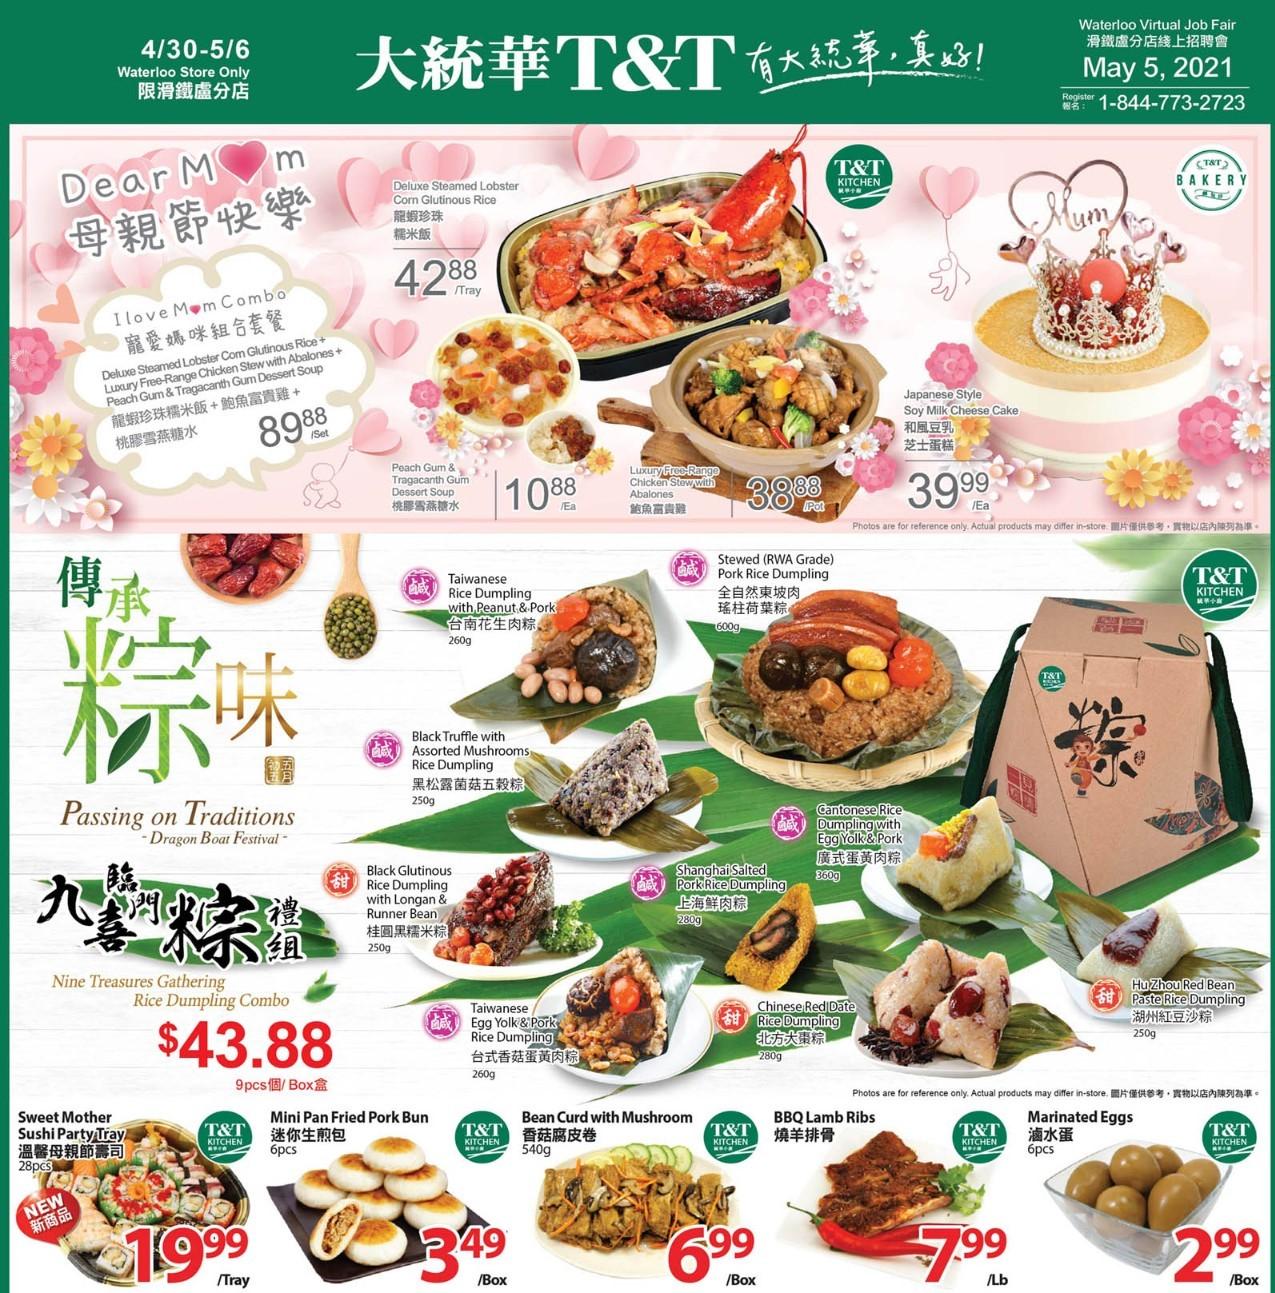 TNT Supermarket Waterloo Flyer Apr 30